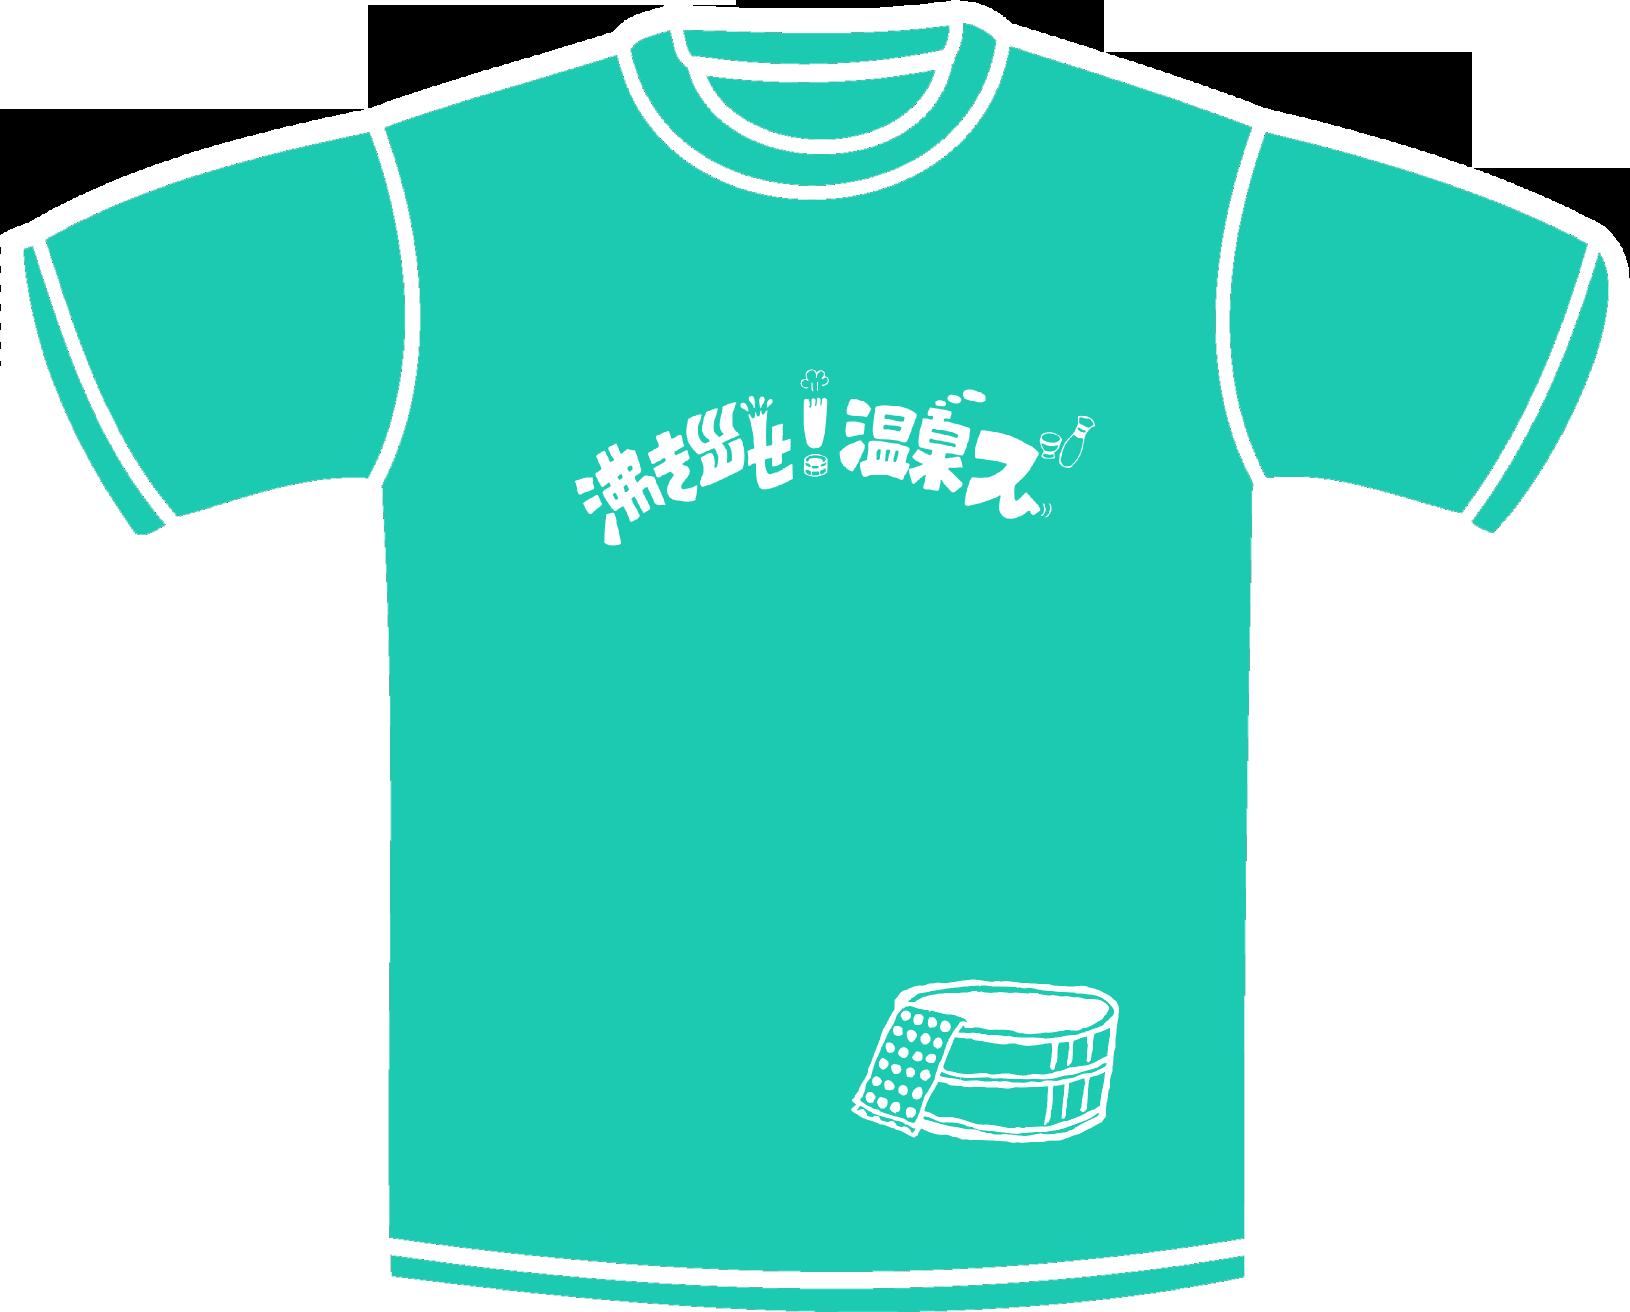 沸き出せ!温泉ズ:バンドTシャツ第二弾:デザイン表:ピーコックグリーン